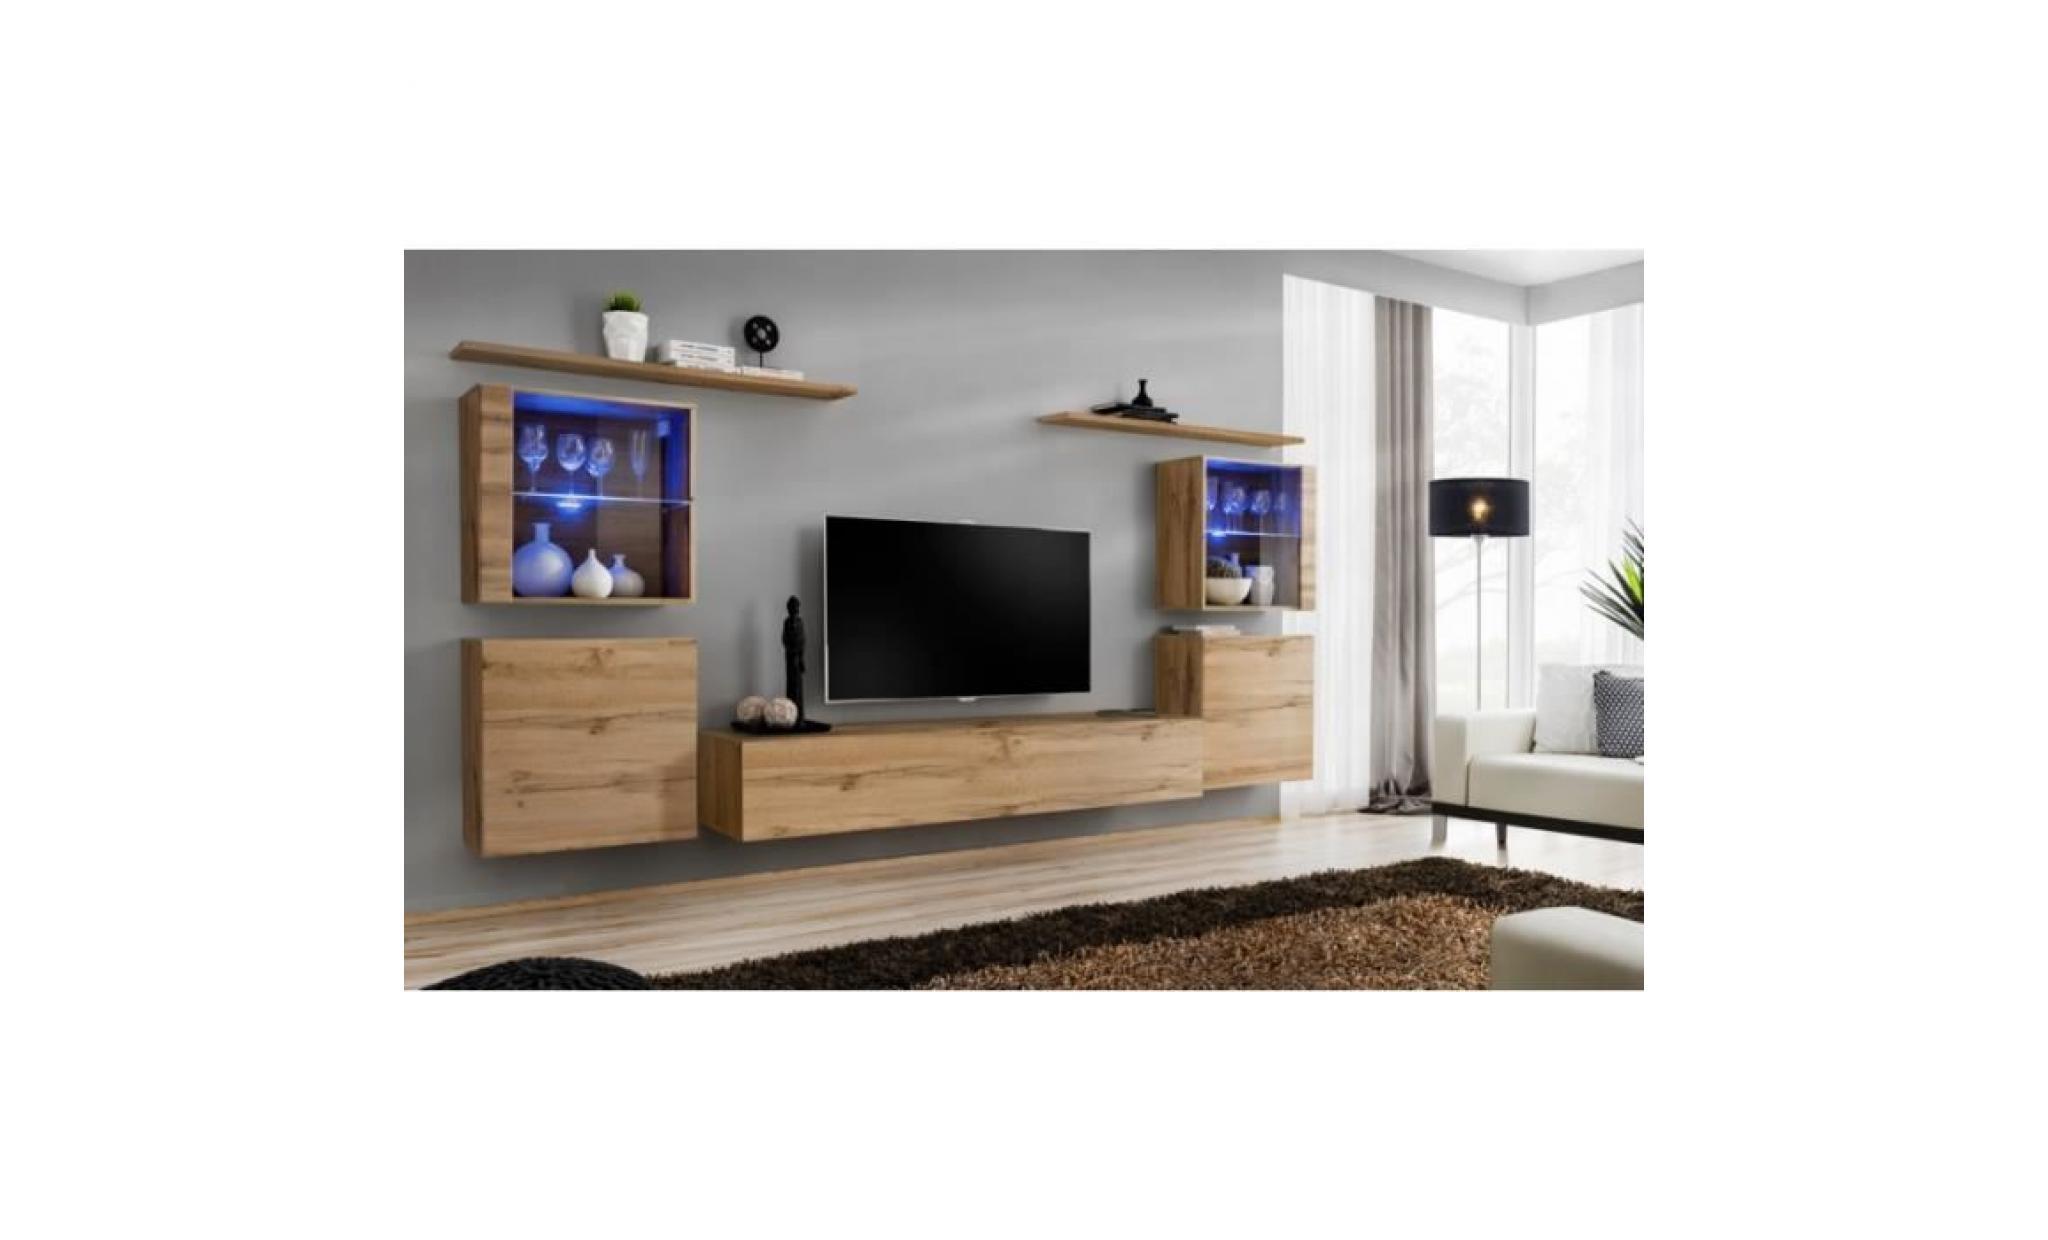 ensemble mural switch xiv 4 vitrines 1 banc tv 2 etageres bois et blanc modele 1 achat vente meuble tv pas cher couleur et design fr